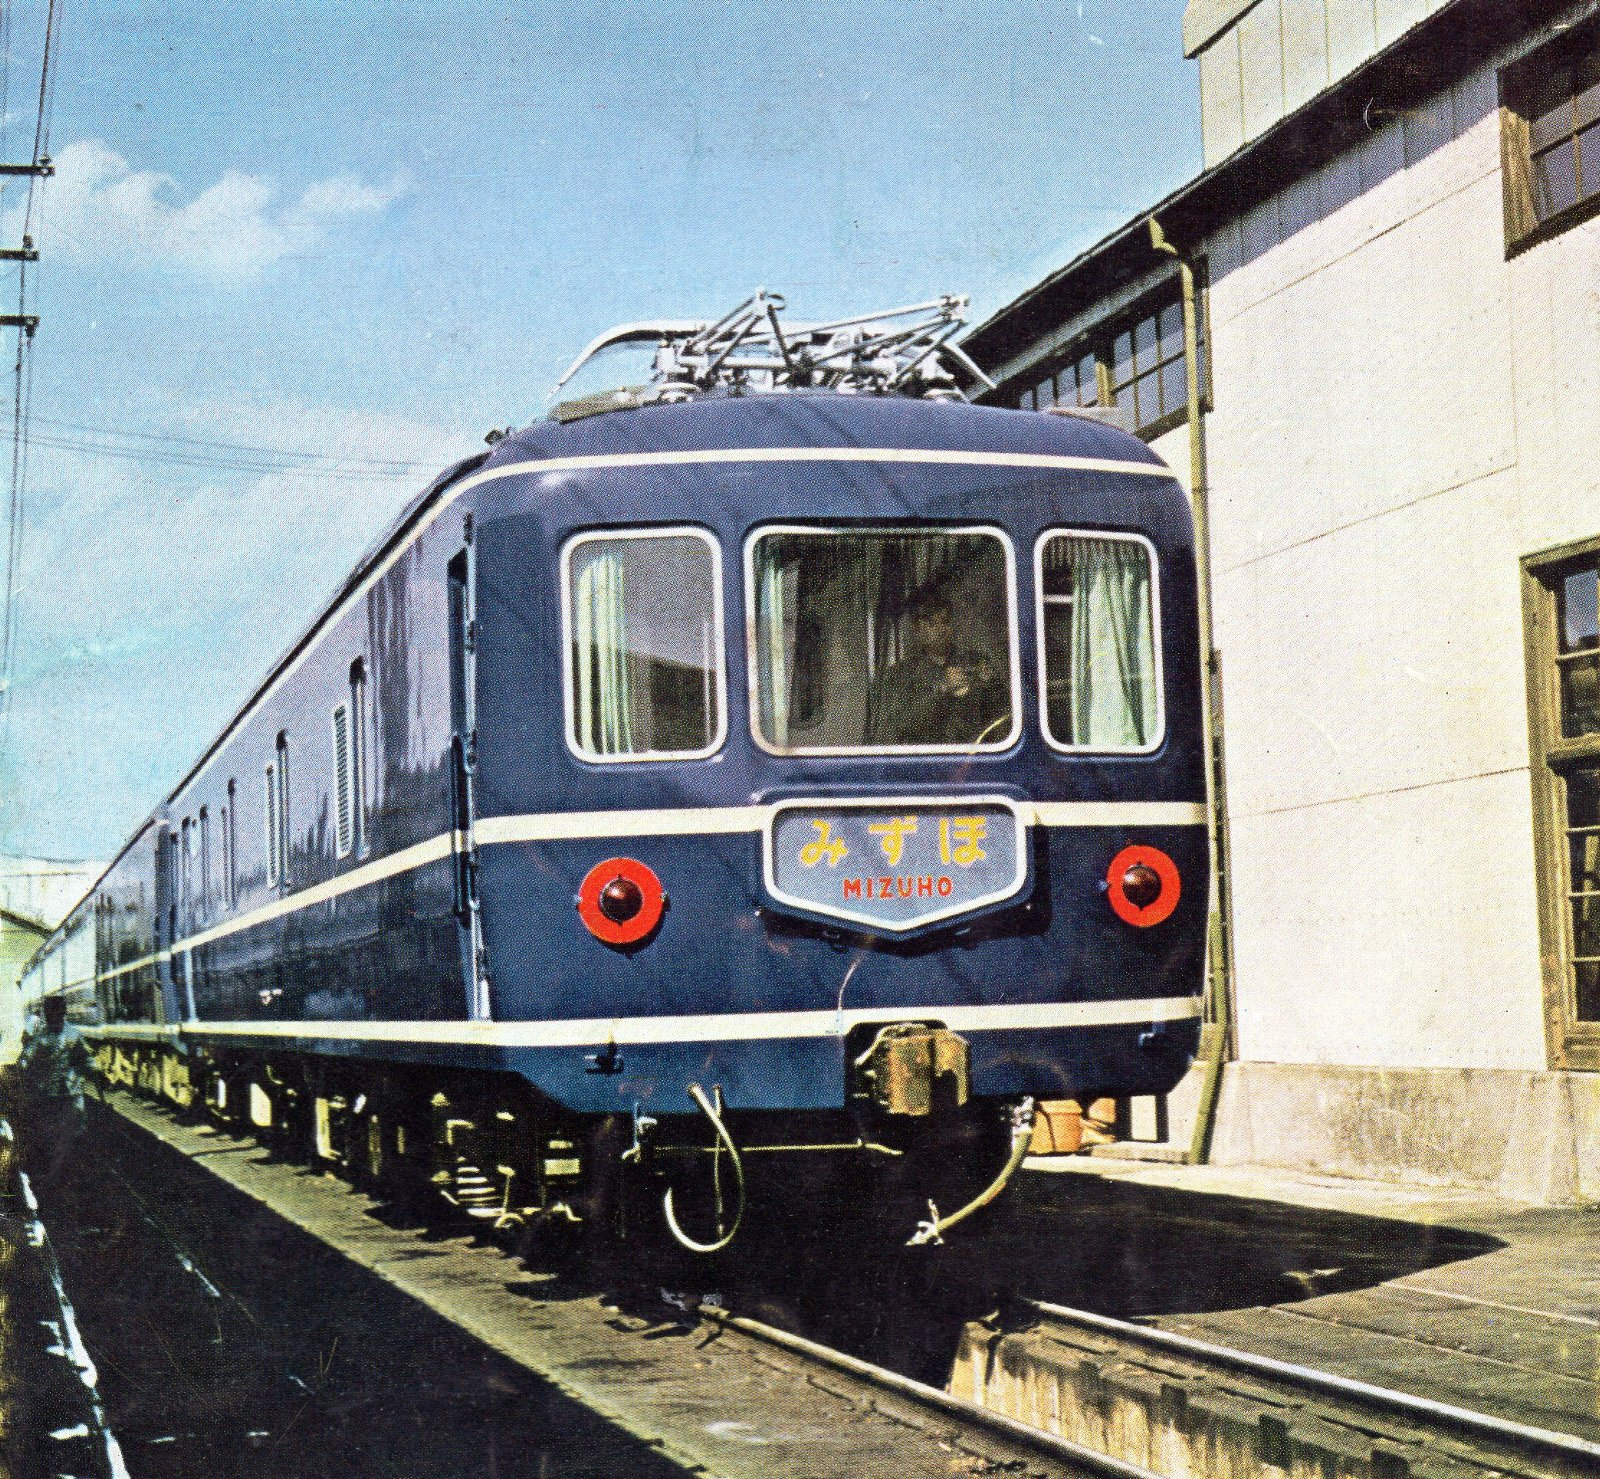 昭和38年7月号の鉄道ピクトリアル表紙をキャプチャしたものです